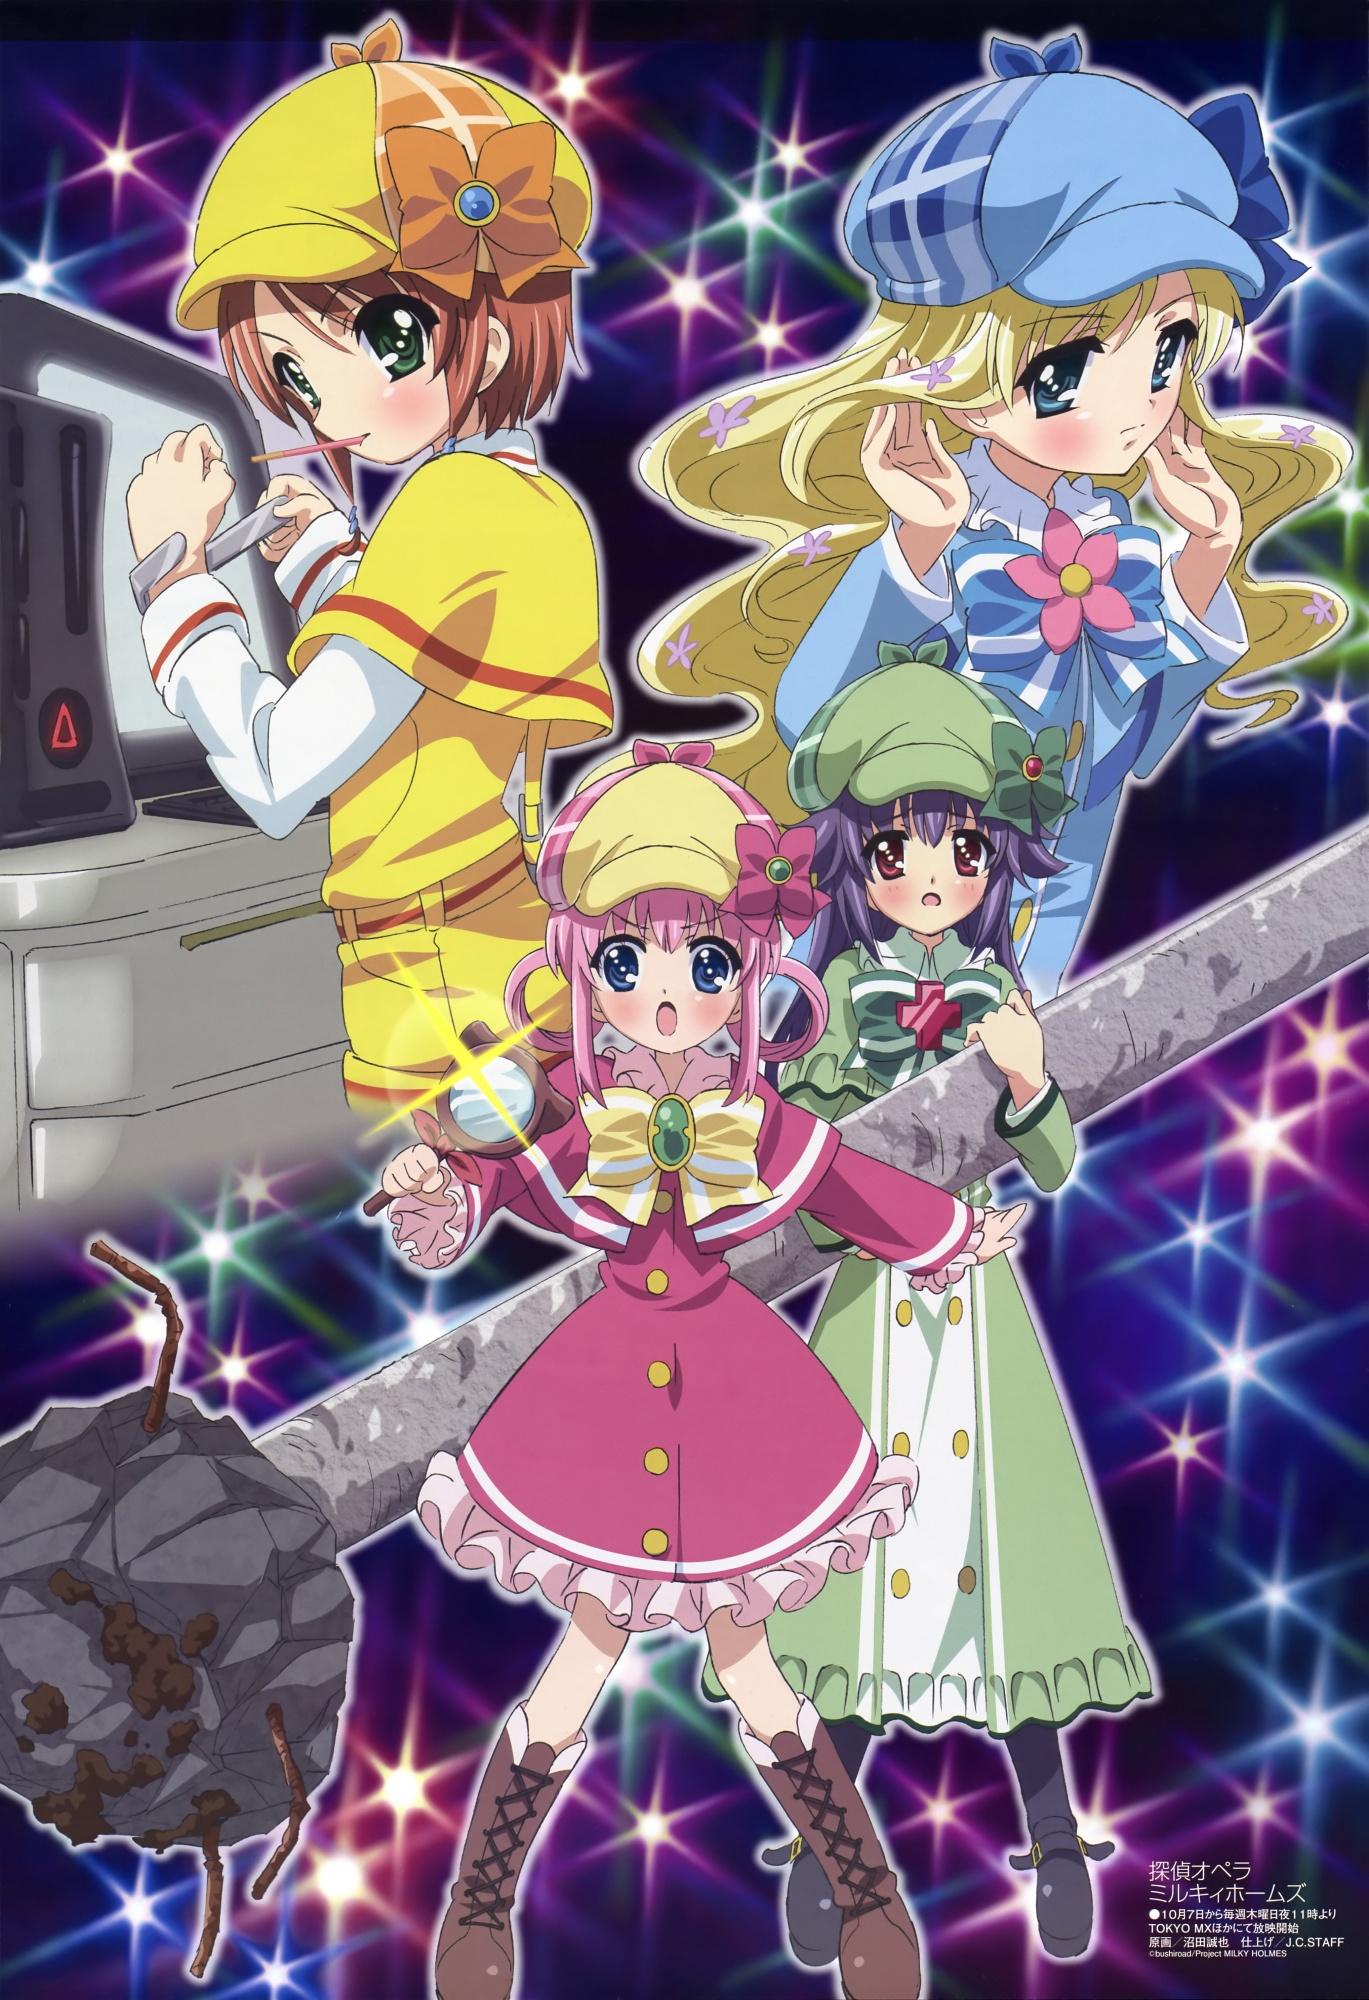 Tantei Opera Milky Holmes wallpapers, Anime, HQ Tantei